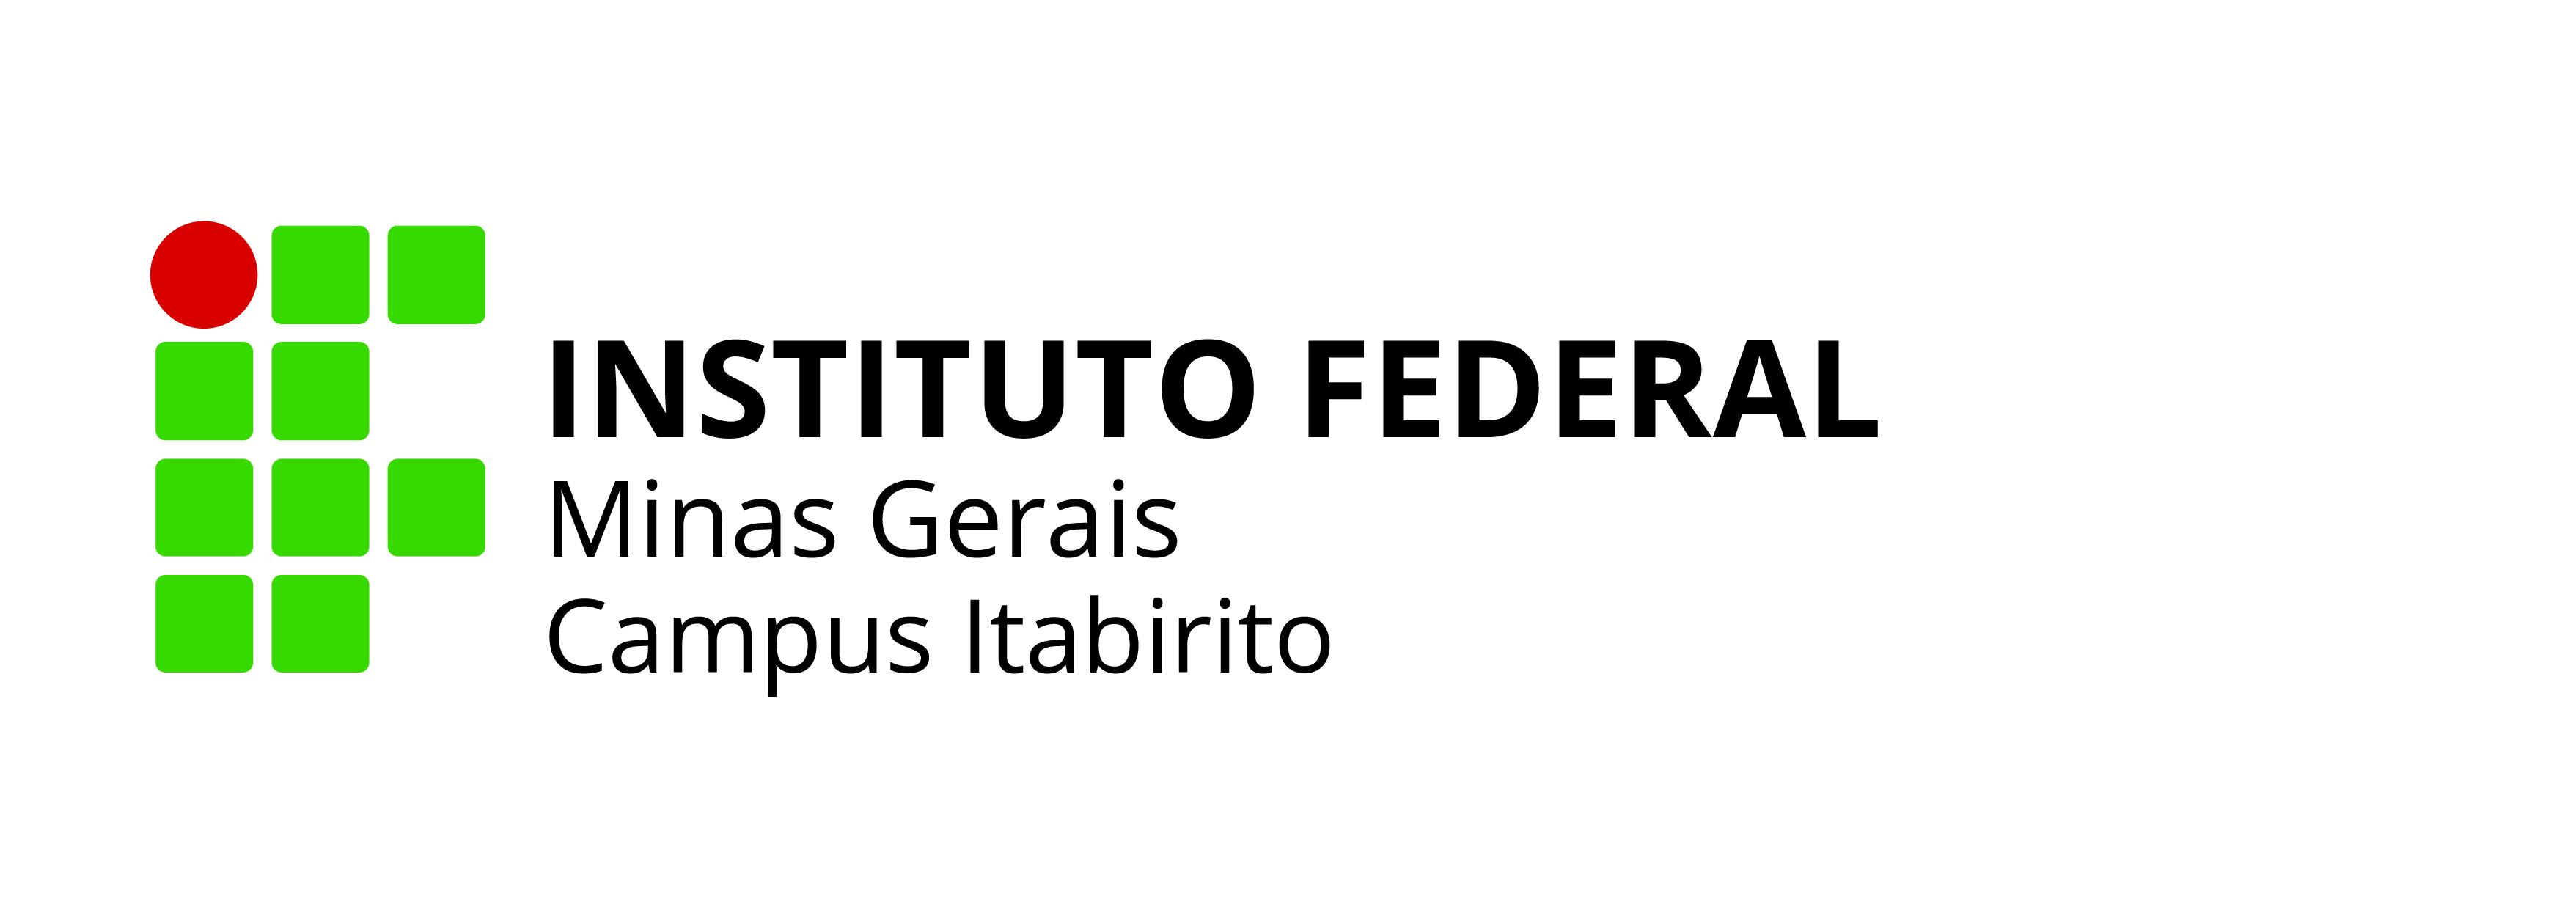 IFMG_Itabirito_Horizontal.jpg